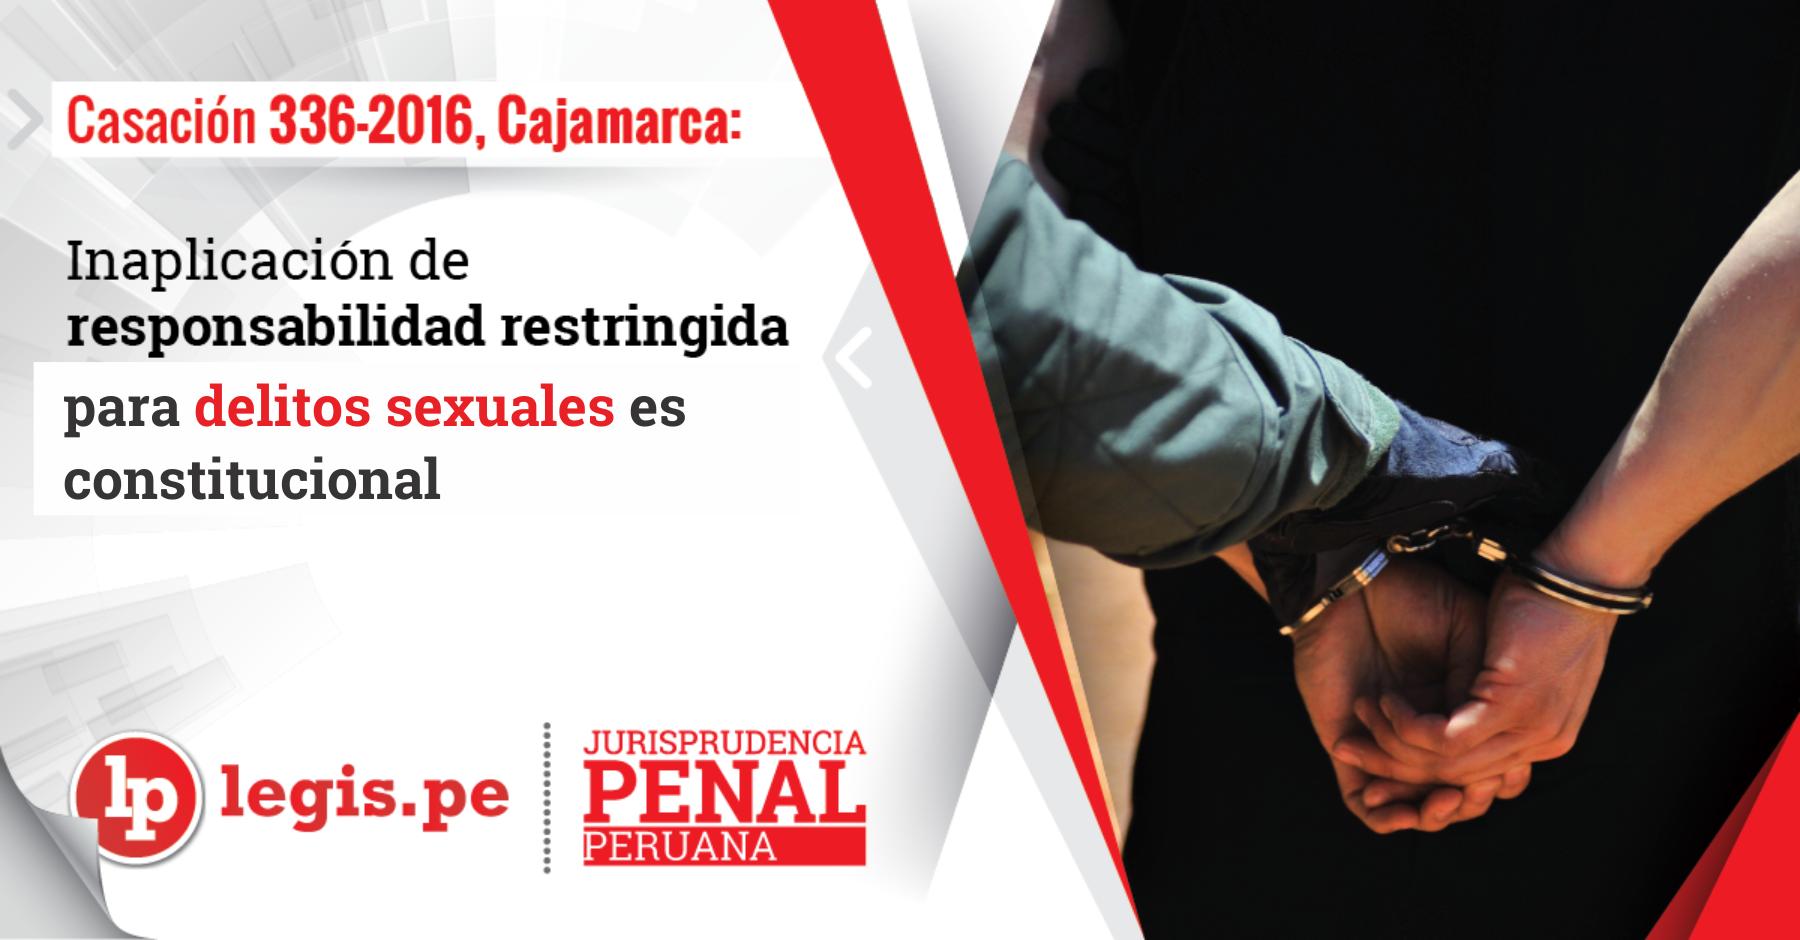 Casación 336-2016, Cajamarca: Inaplicación de responsabilidad restringida para delitos sexuales es constitucional